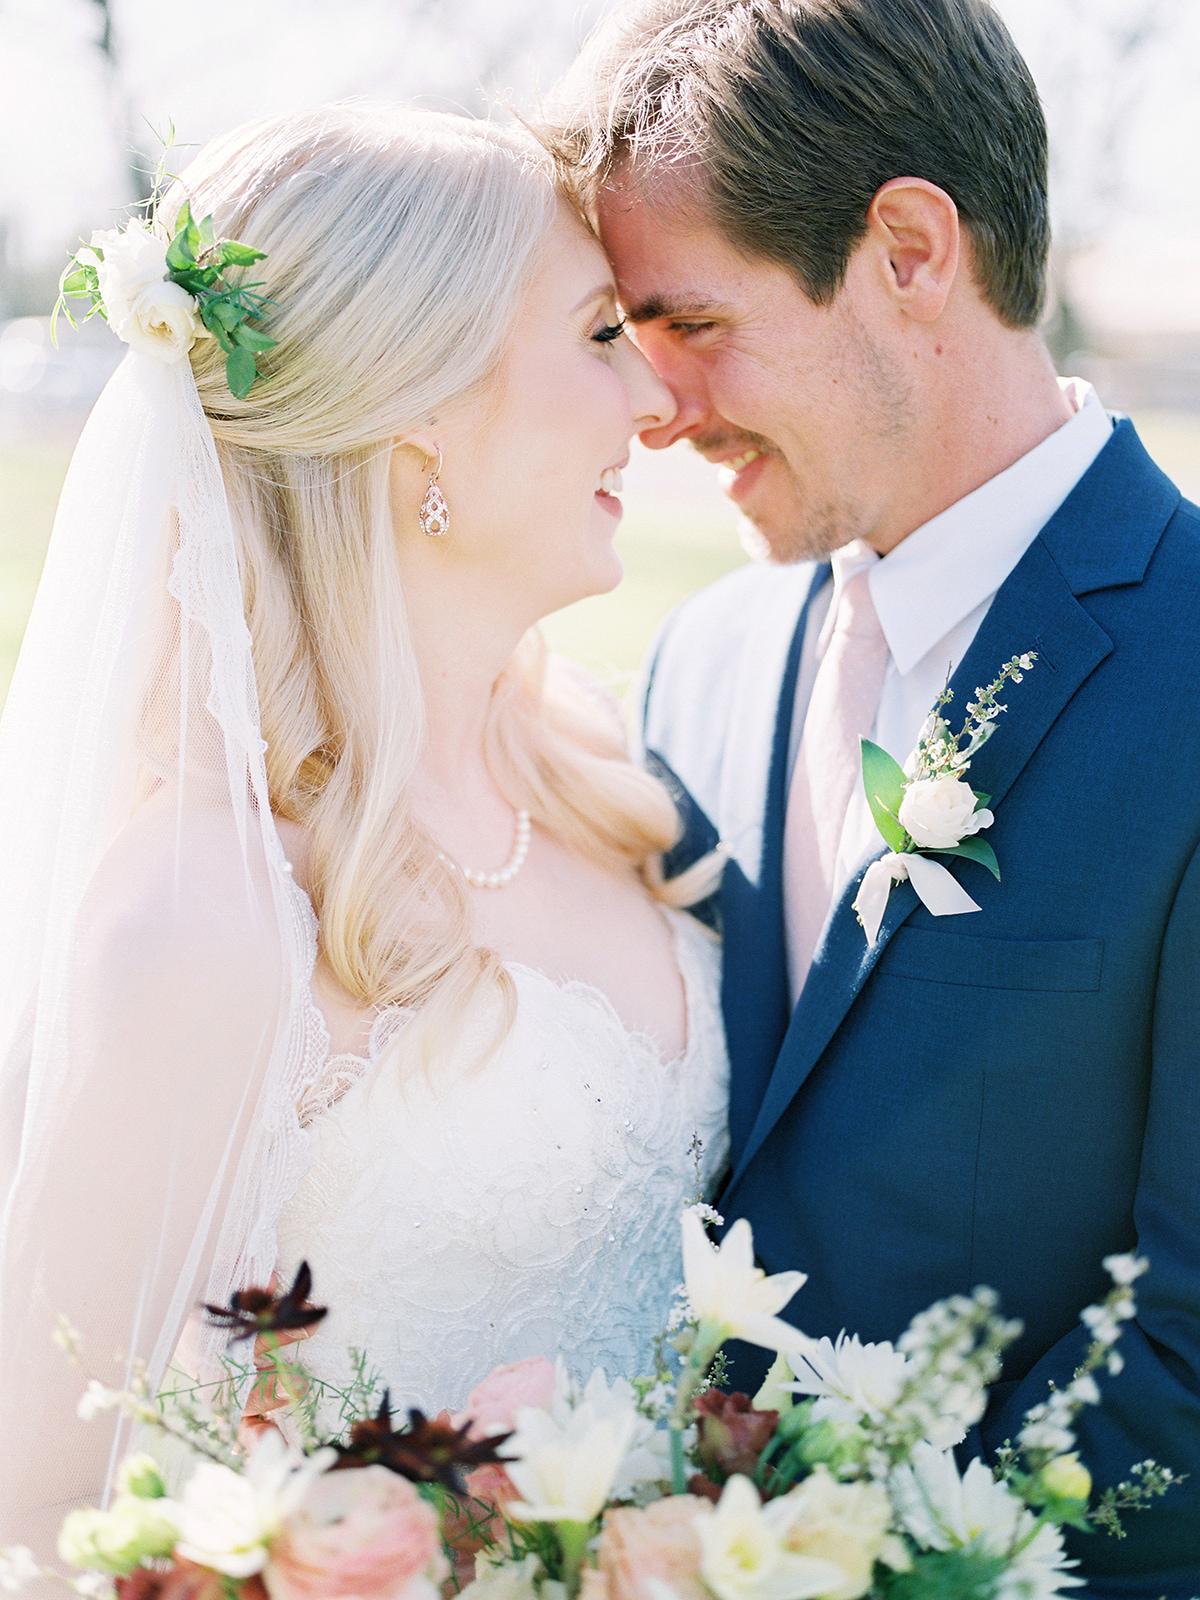 Lukas Wedding - Bride _ Groom-5.jpg